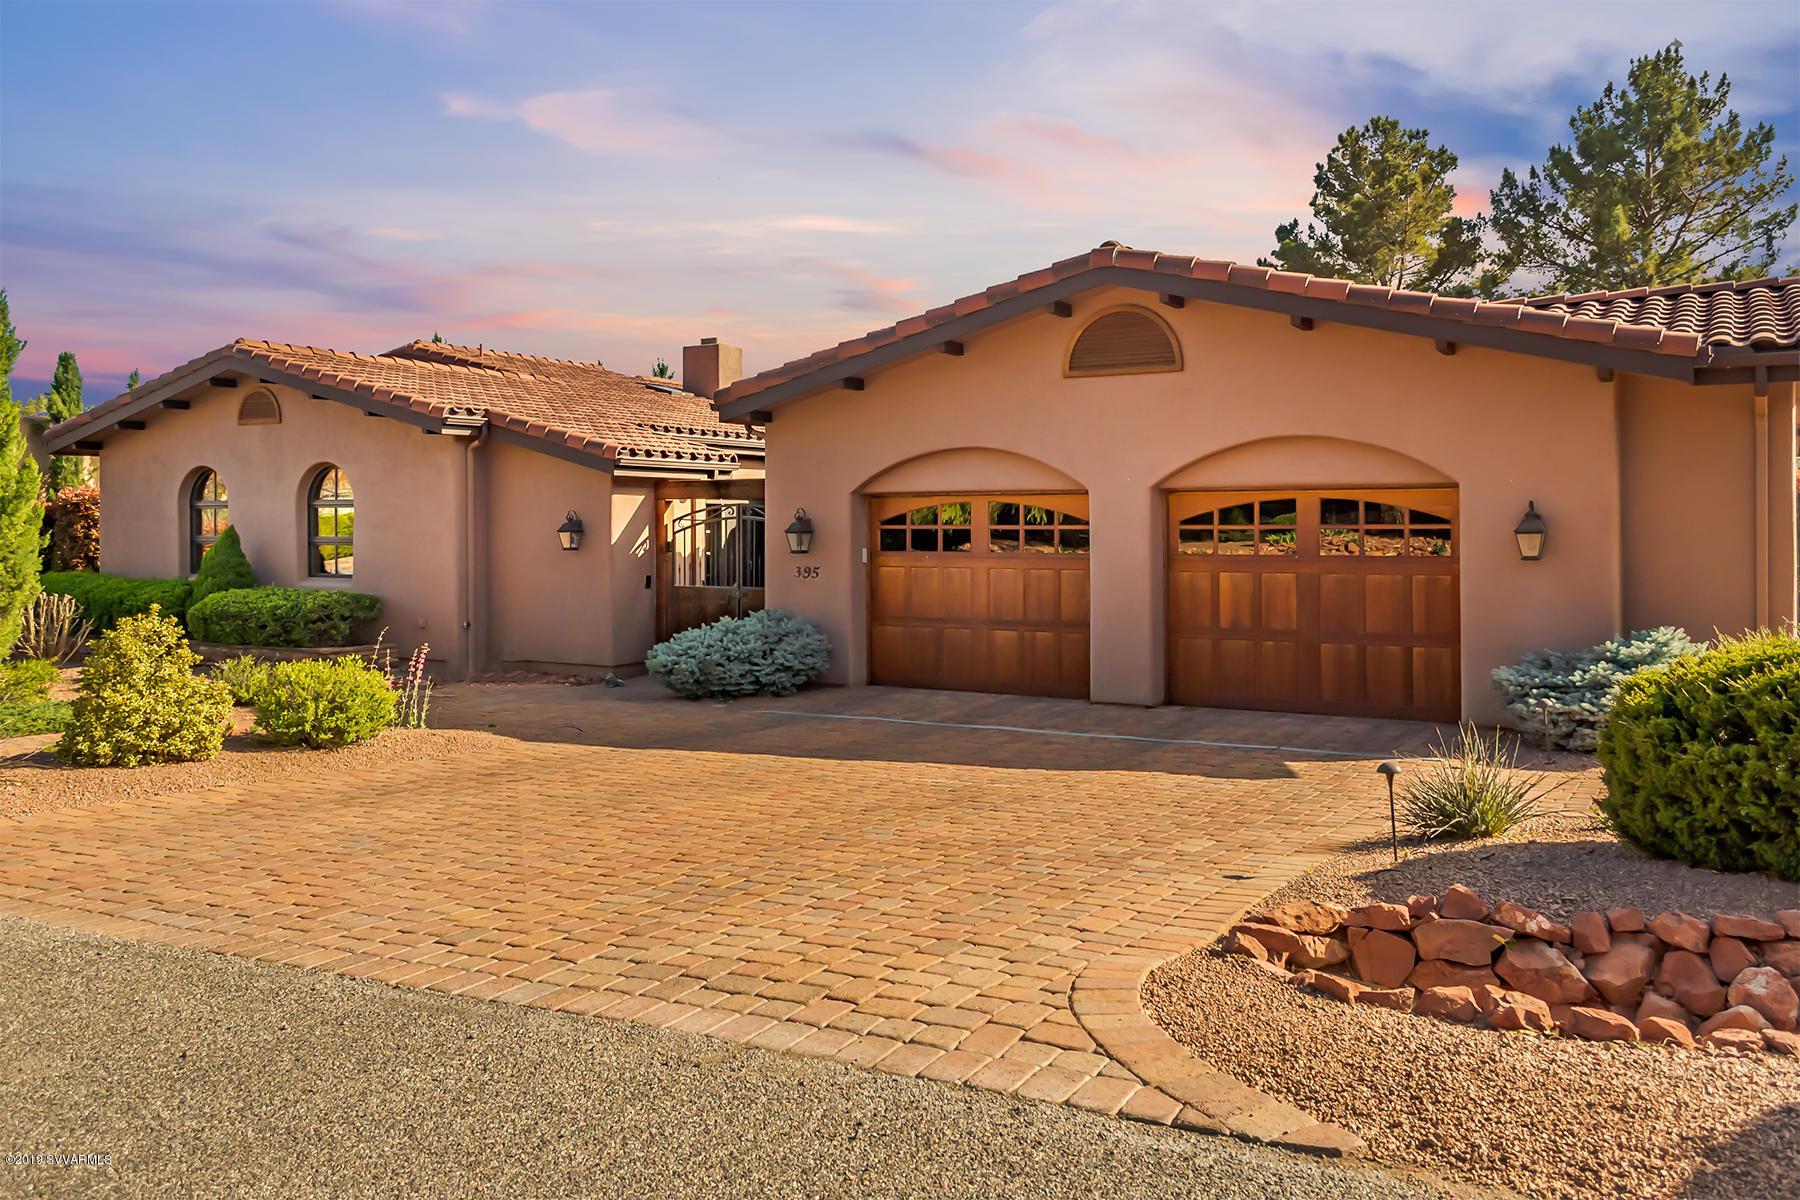 395 Merry Go Round Rock Rd Sedona, AZ 86351